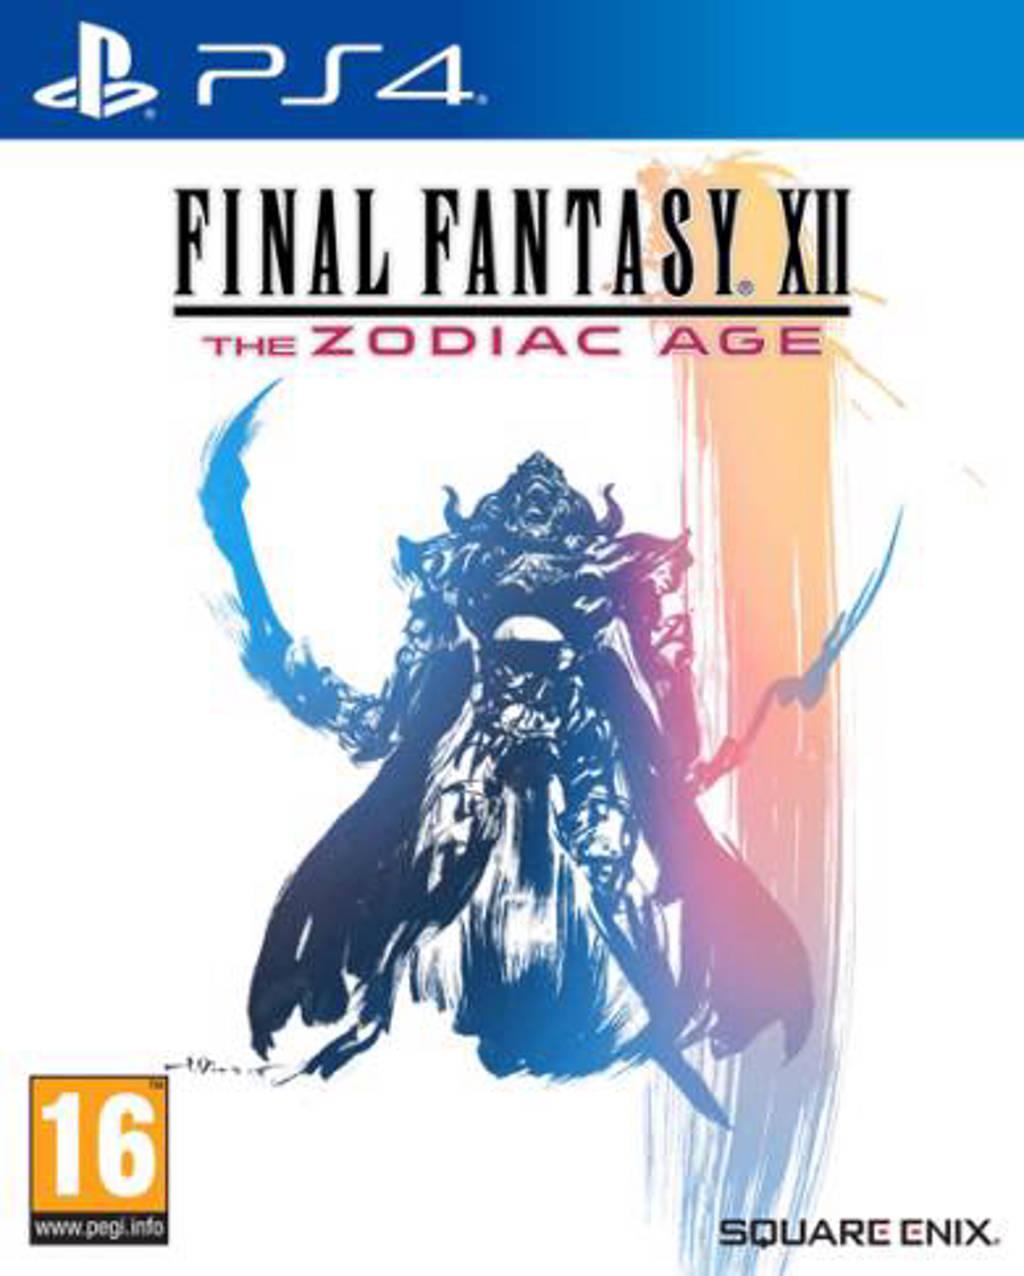 Final fantasy XII - Zodiac age (PlayStation 4)